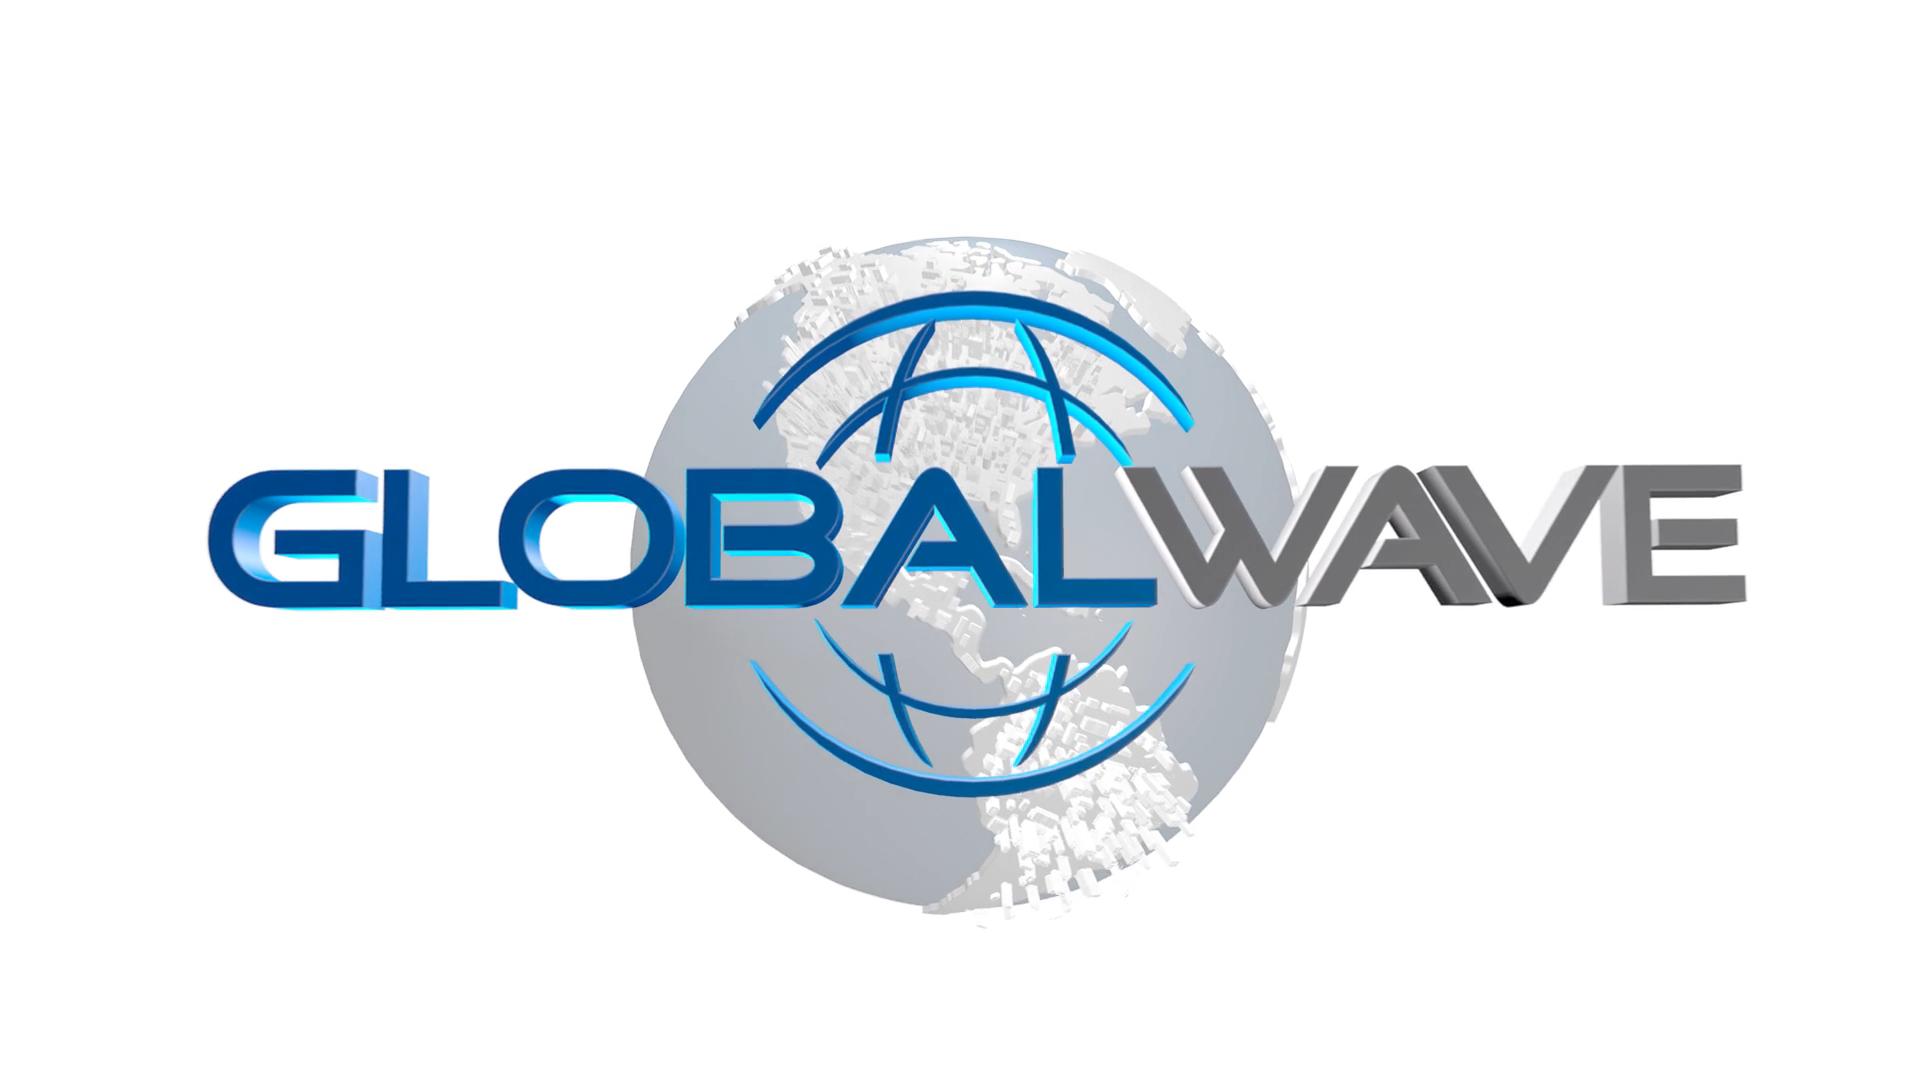 Global Wave Video Kyro Digital